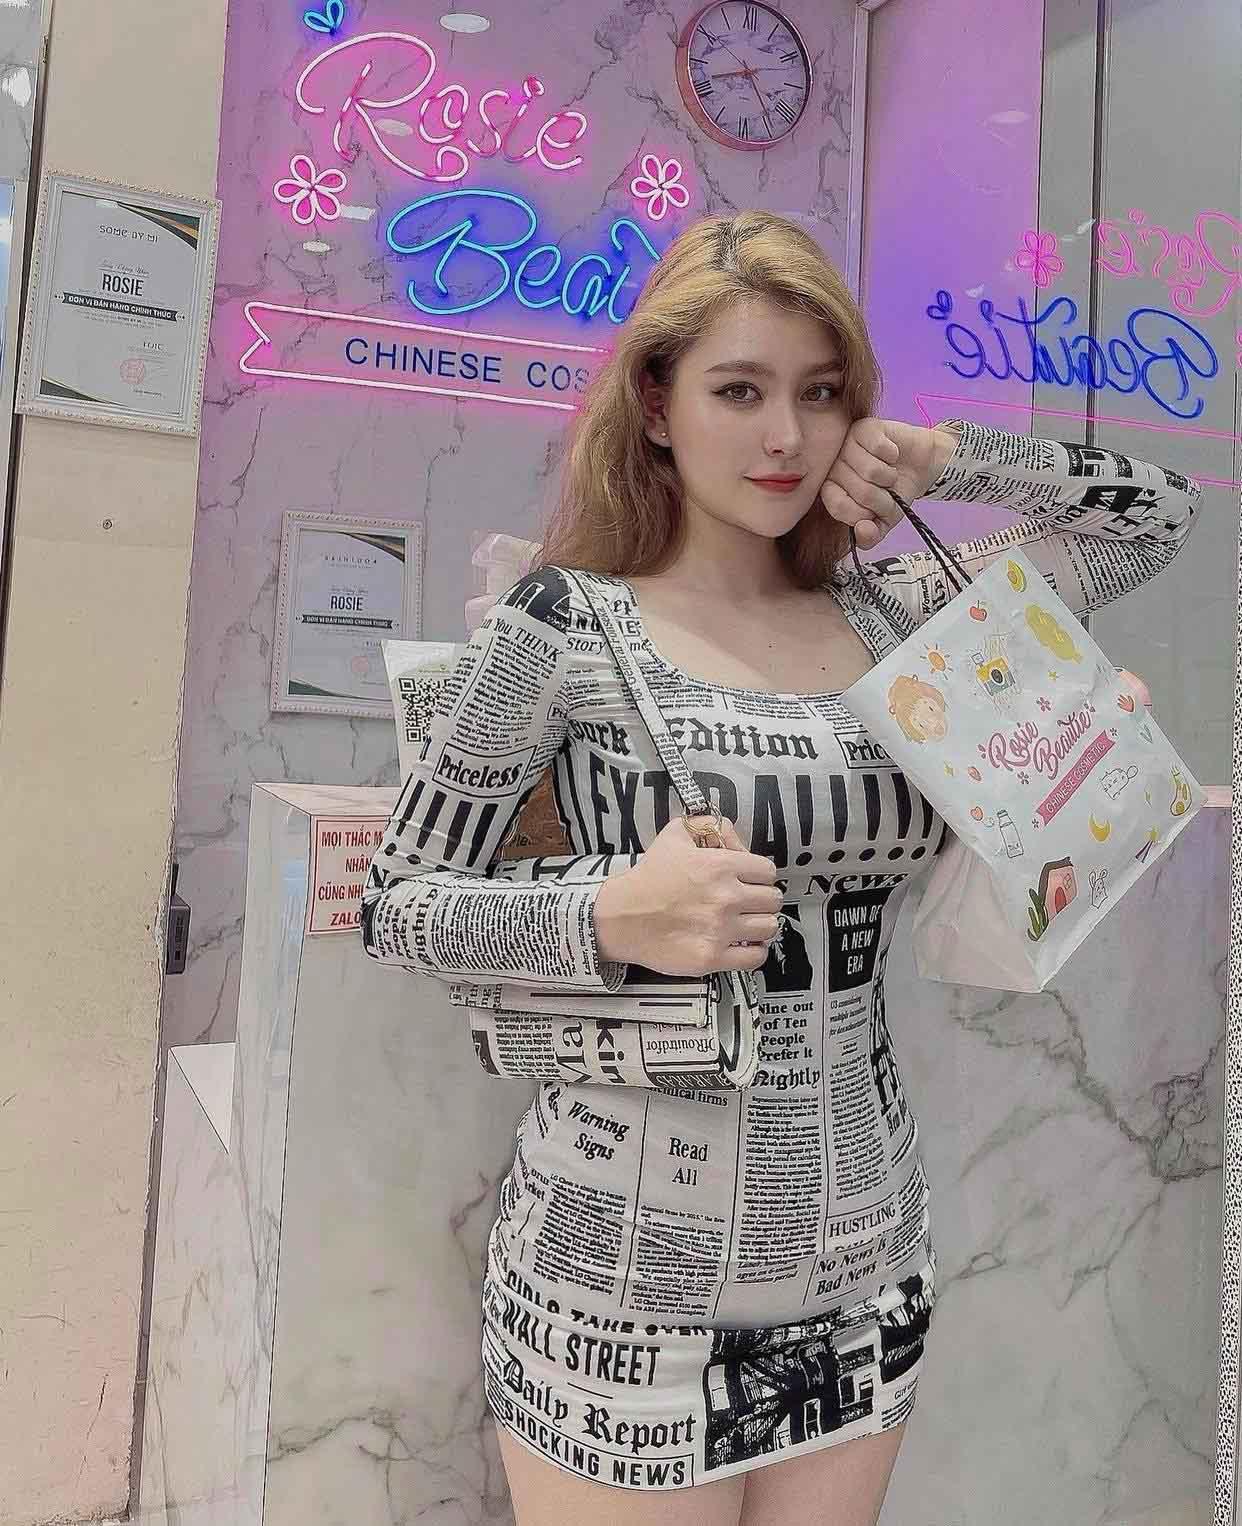 Nữ sinh lai Việt-Mỹ hot nhất Sài thành chuộng váy áo táo bạo tôn nét đẹp phồn thực - hình ảnh 2